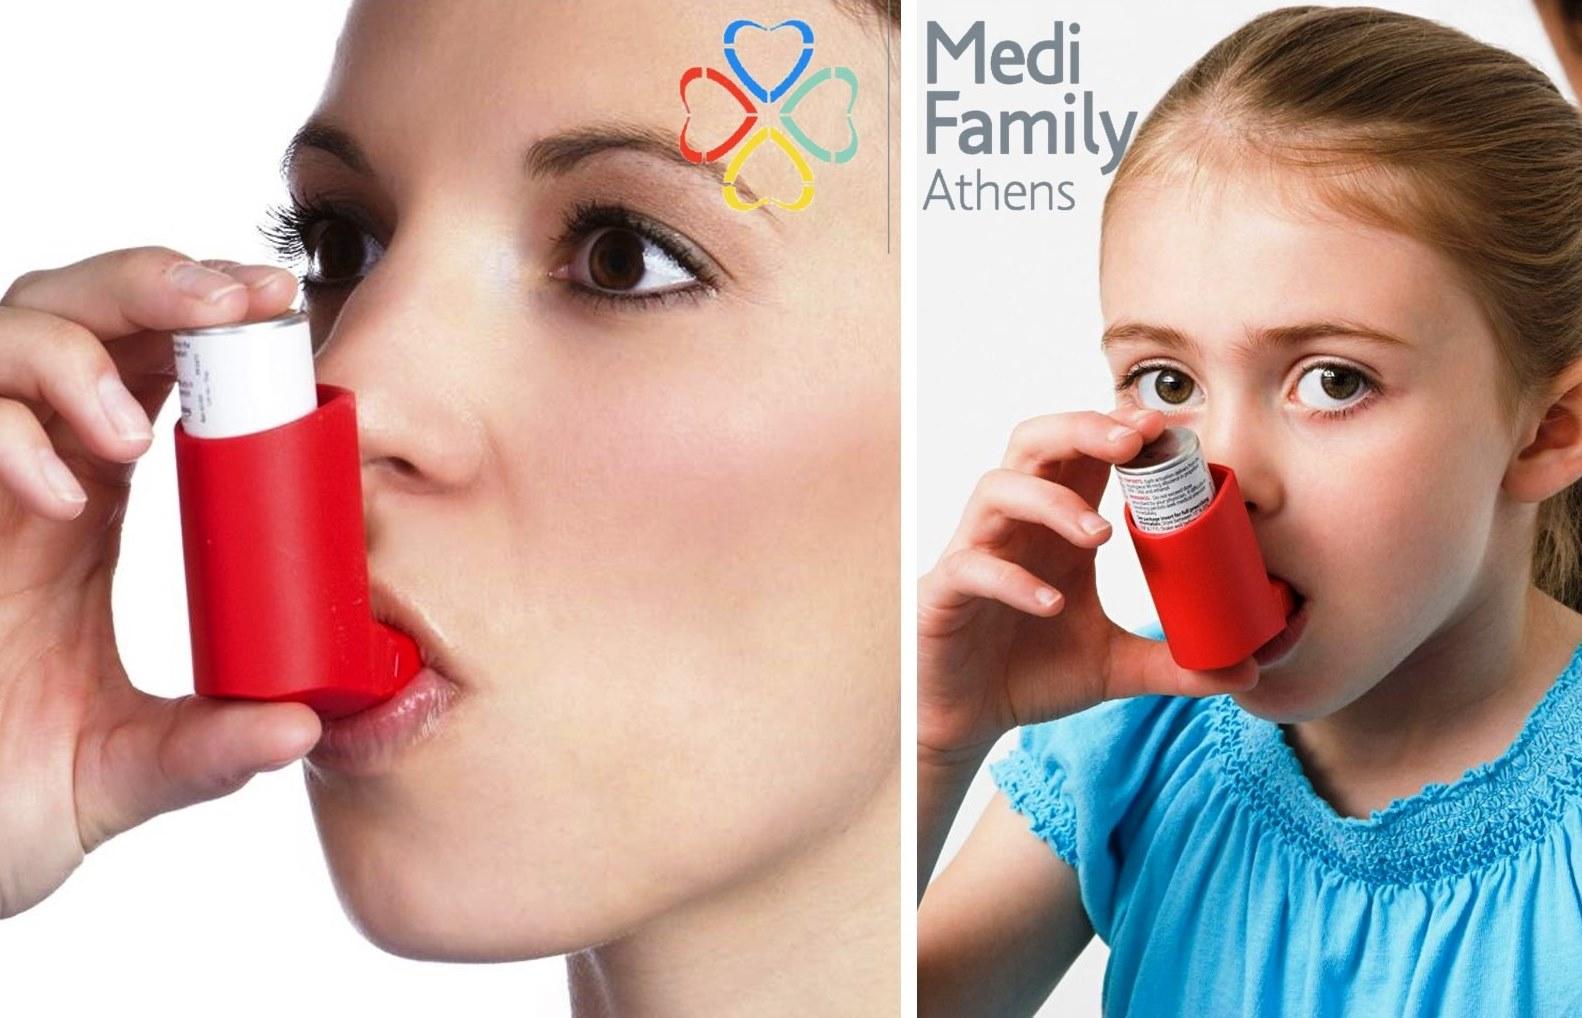 ΓΙΑ ΛΙΓΕΣ ΜΕΡΕΣ: 35€ από 210€ για Διάγνωση & Θεραπεία Βρογχικoύ Άσθματος με Σπιρομέτρηση, για Ενήλικες & Παιδιά, από Κορυφαίο Πνευμονολόγο του Harvard, στο ''Medi Family Athens'' στο Μουσείο